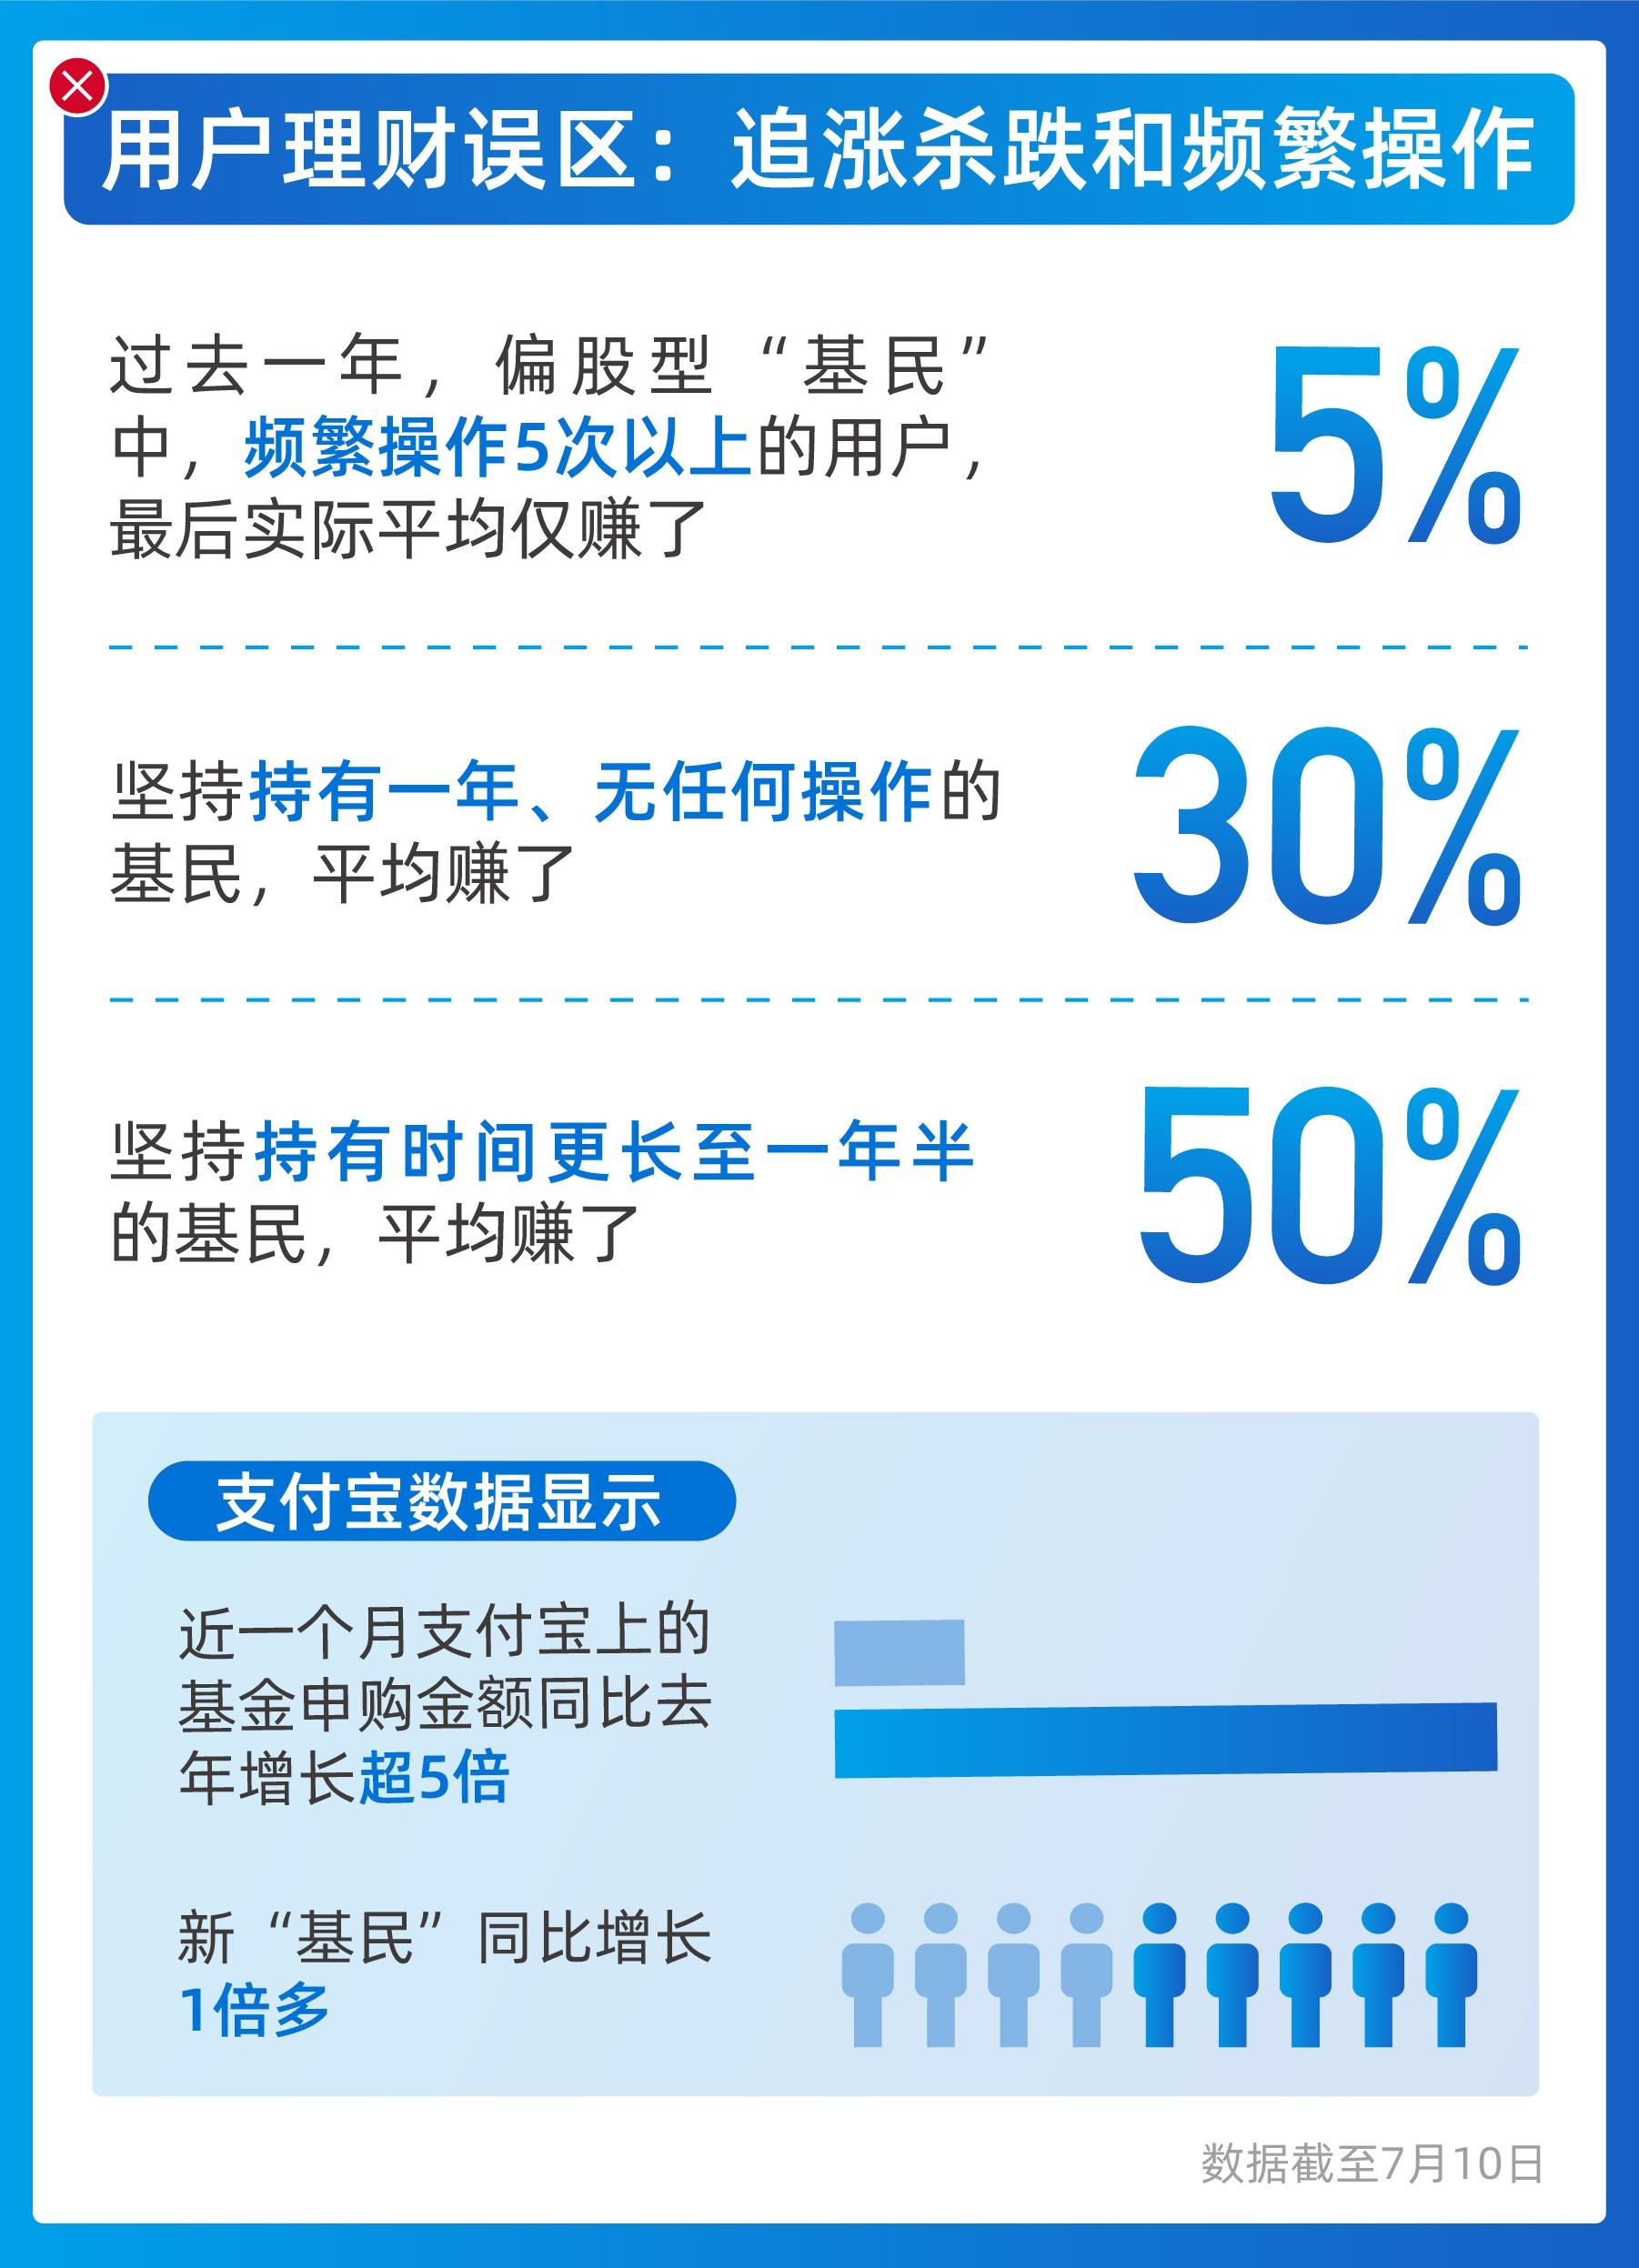 「摩鑫」宝摩鑫上线金选专区如何破除追涨杀跌图片